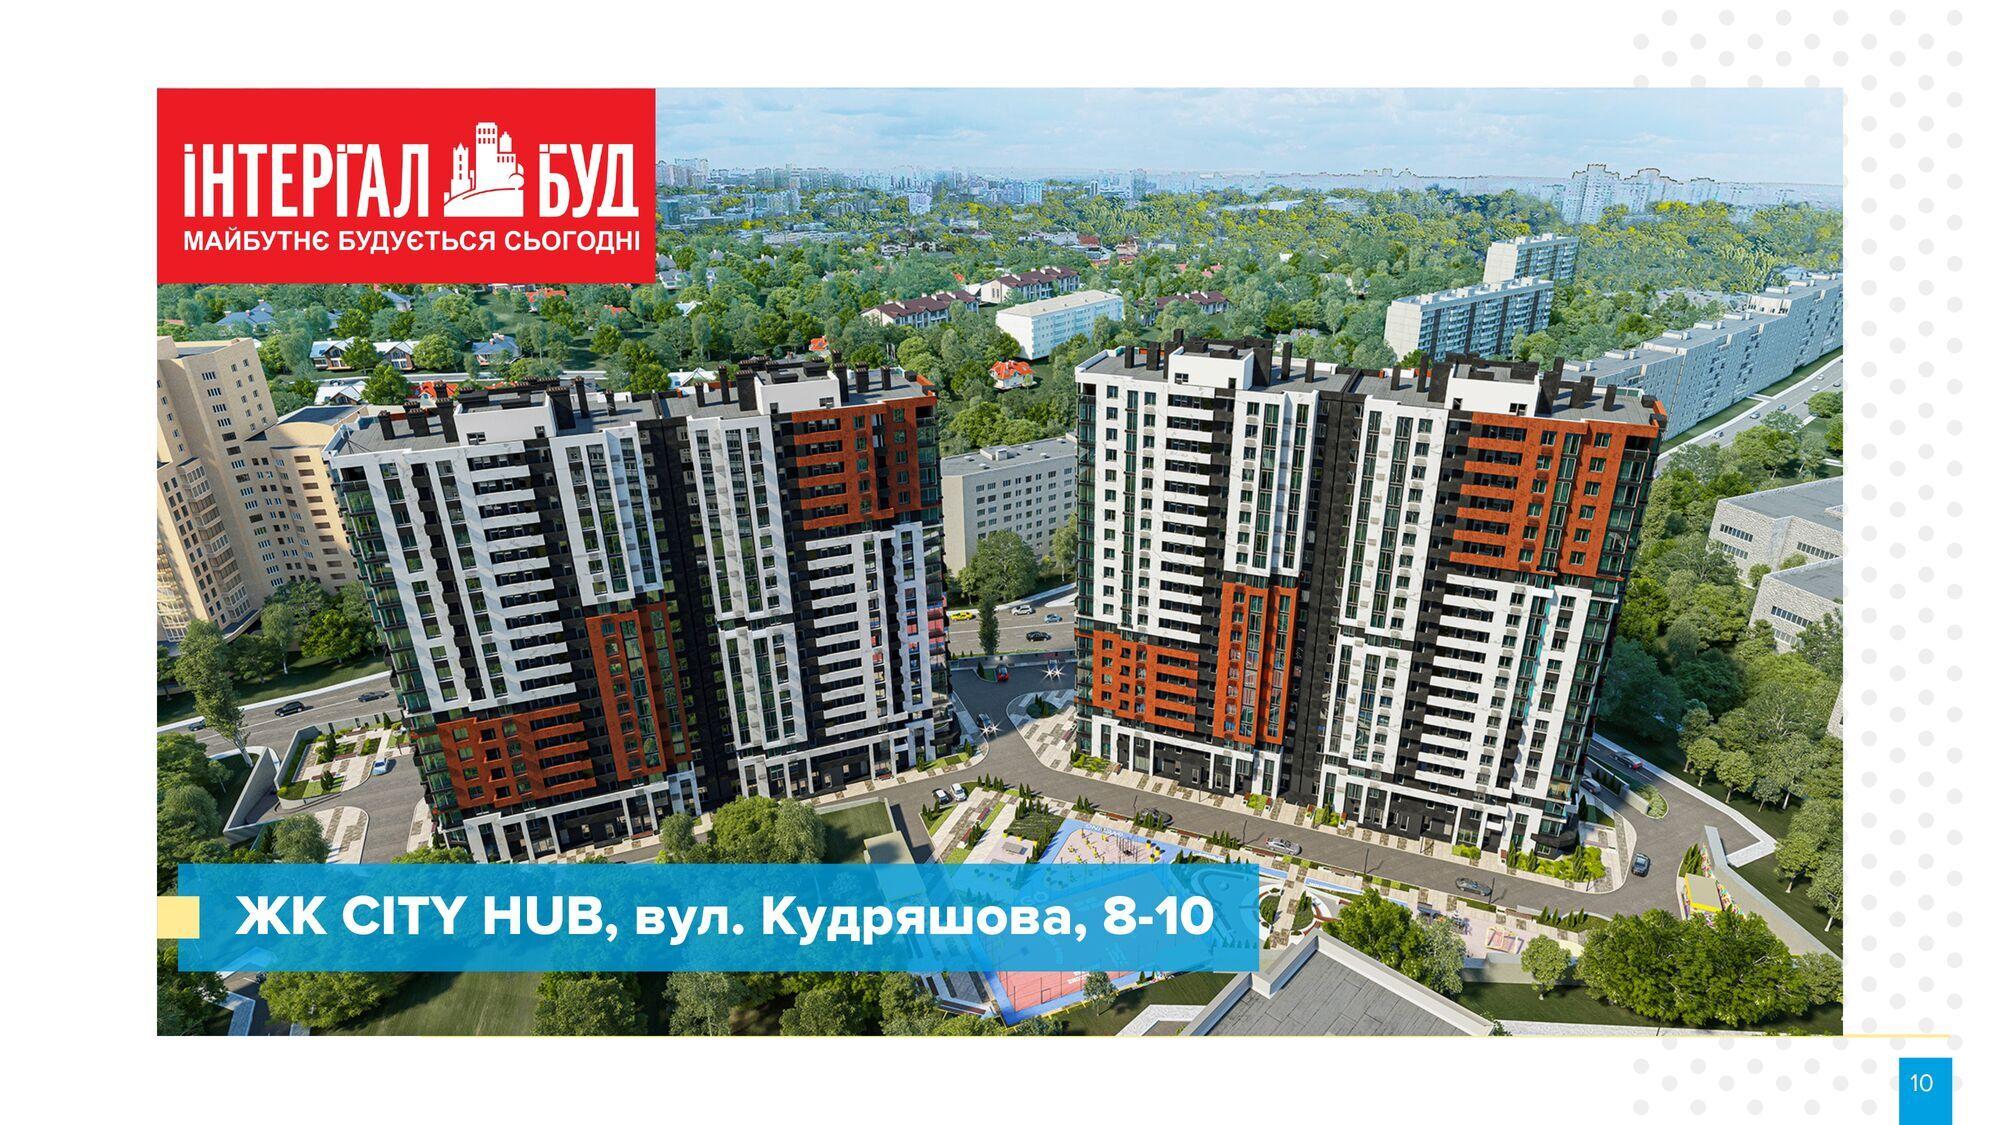 У 2018 році отримано містобудівні умови для будівництва житлово громадського комплексу